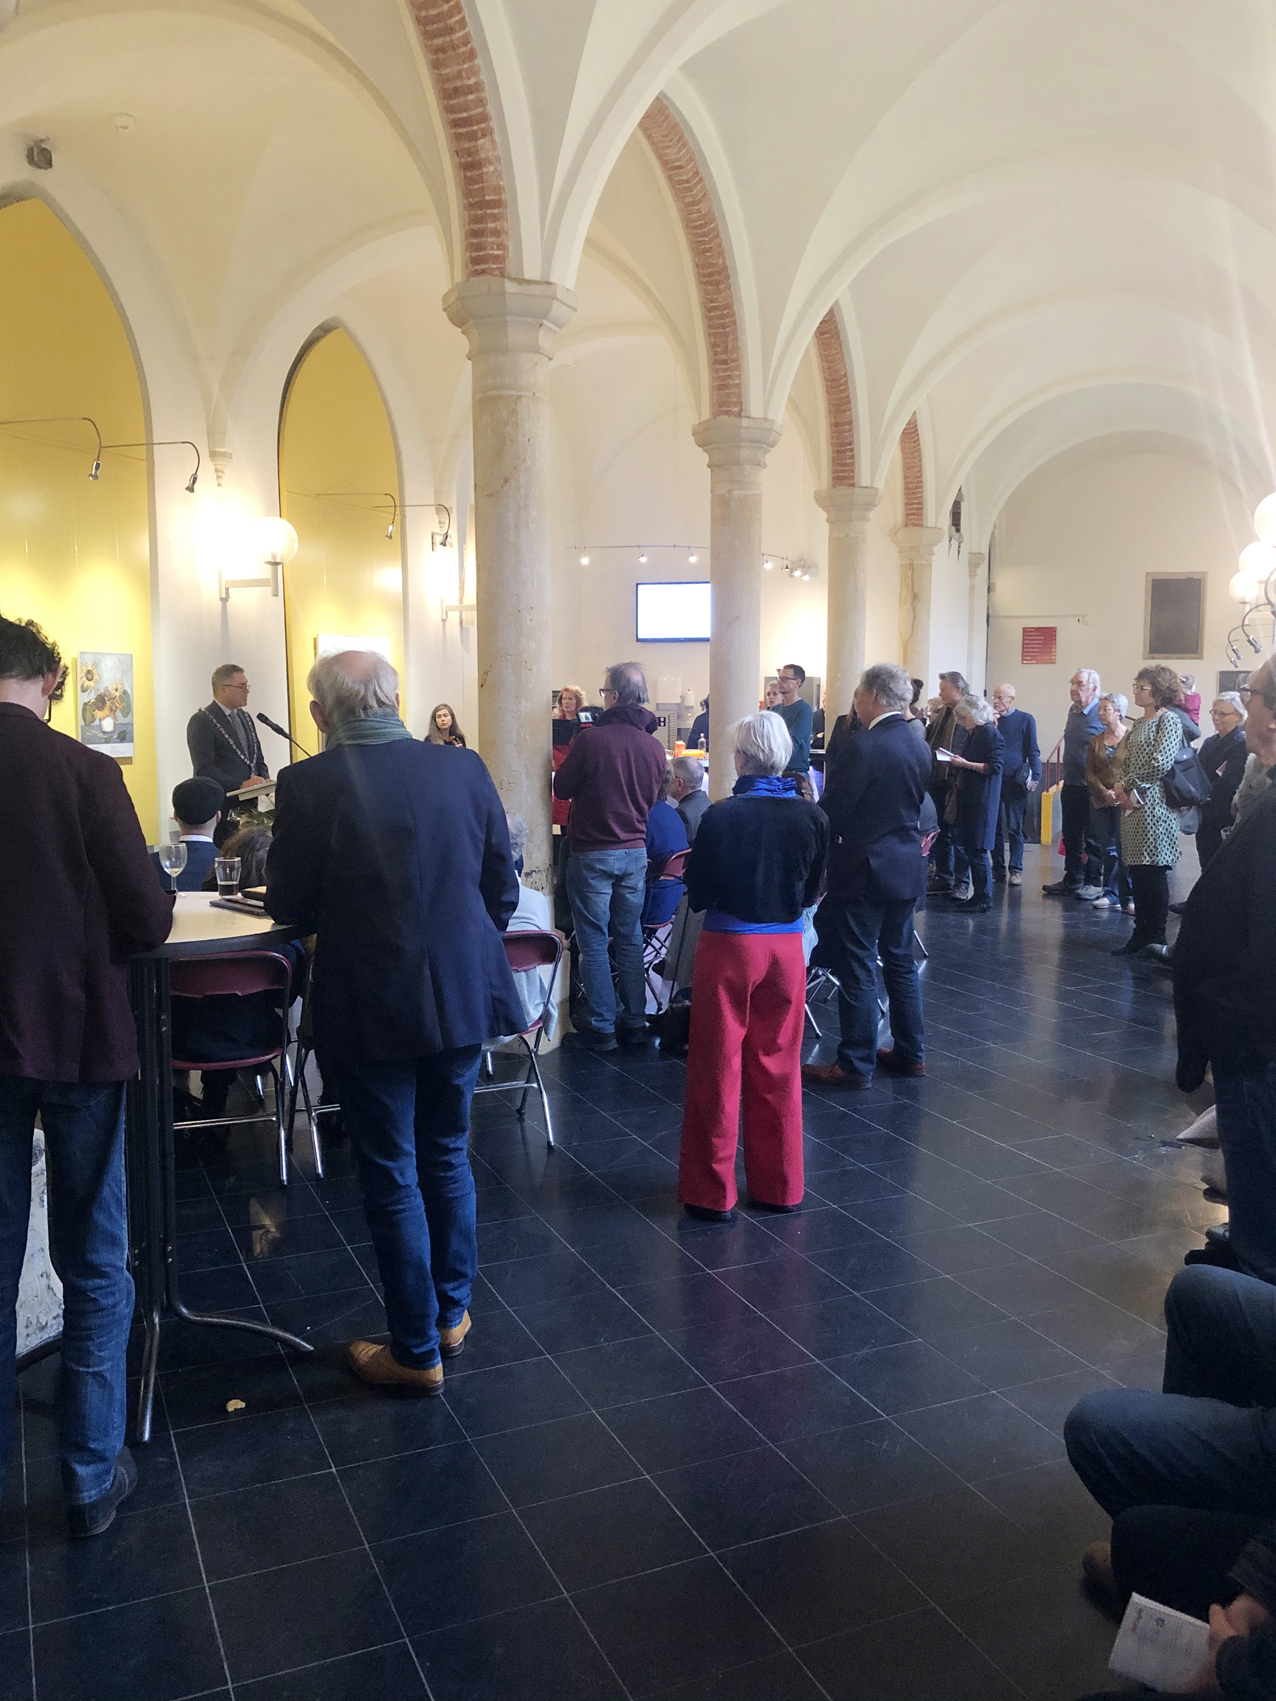 Ausstellungseröffnung Rathaus in Haarlem, NL